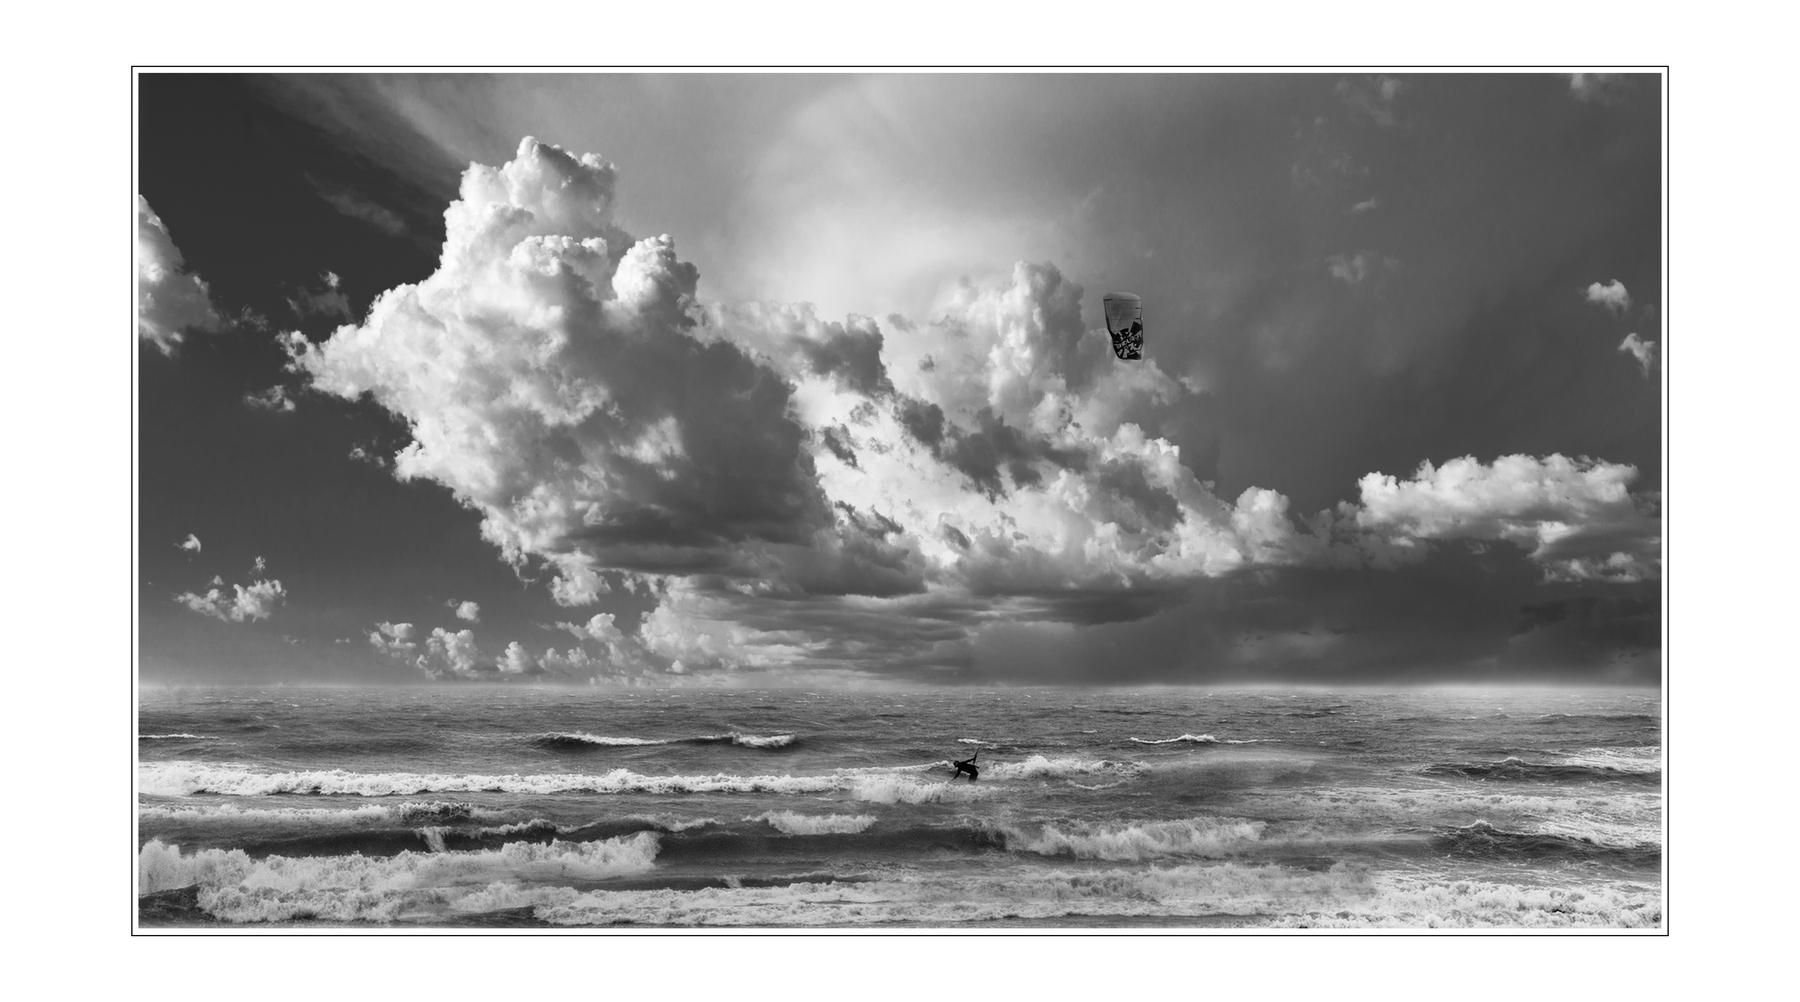 山海原野作品:海天云浪